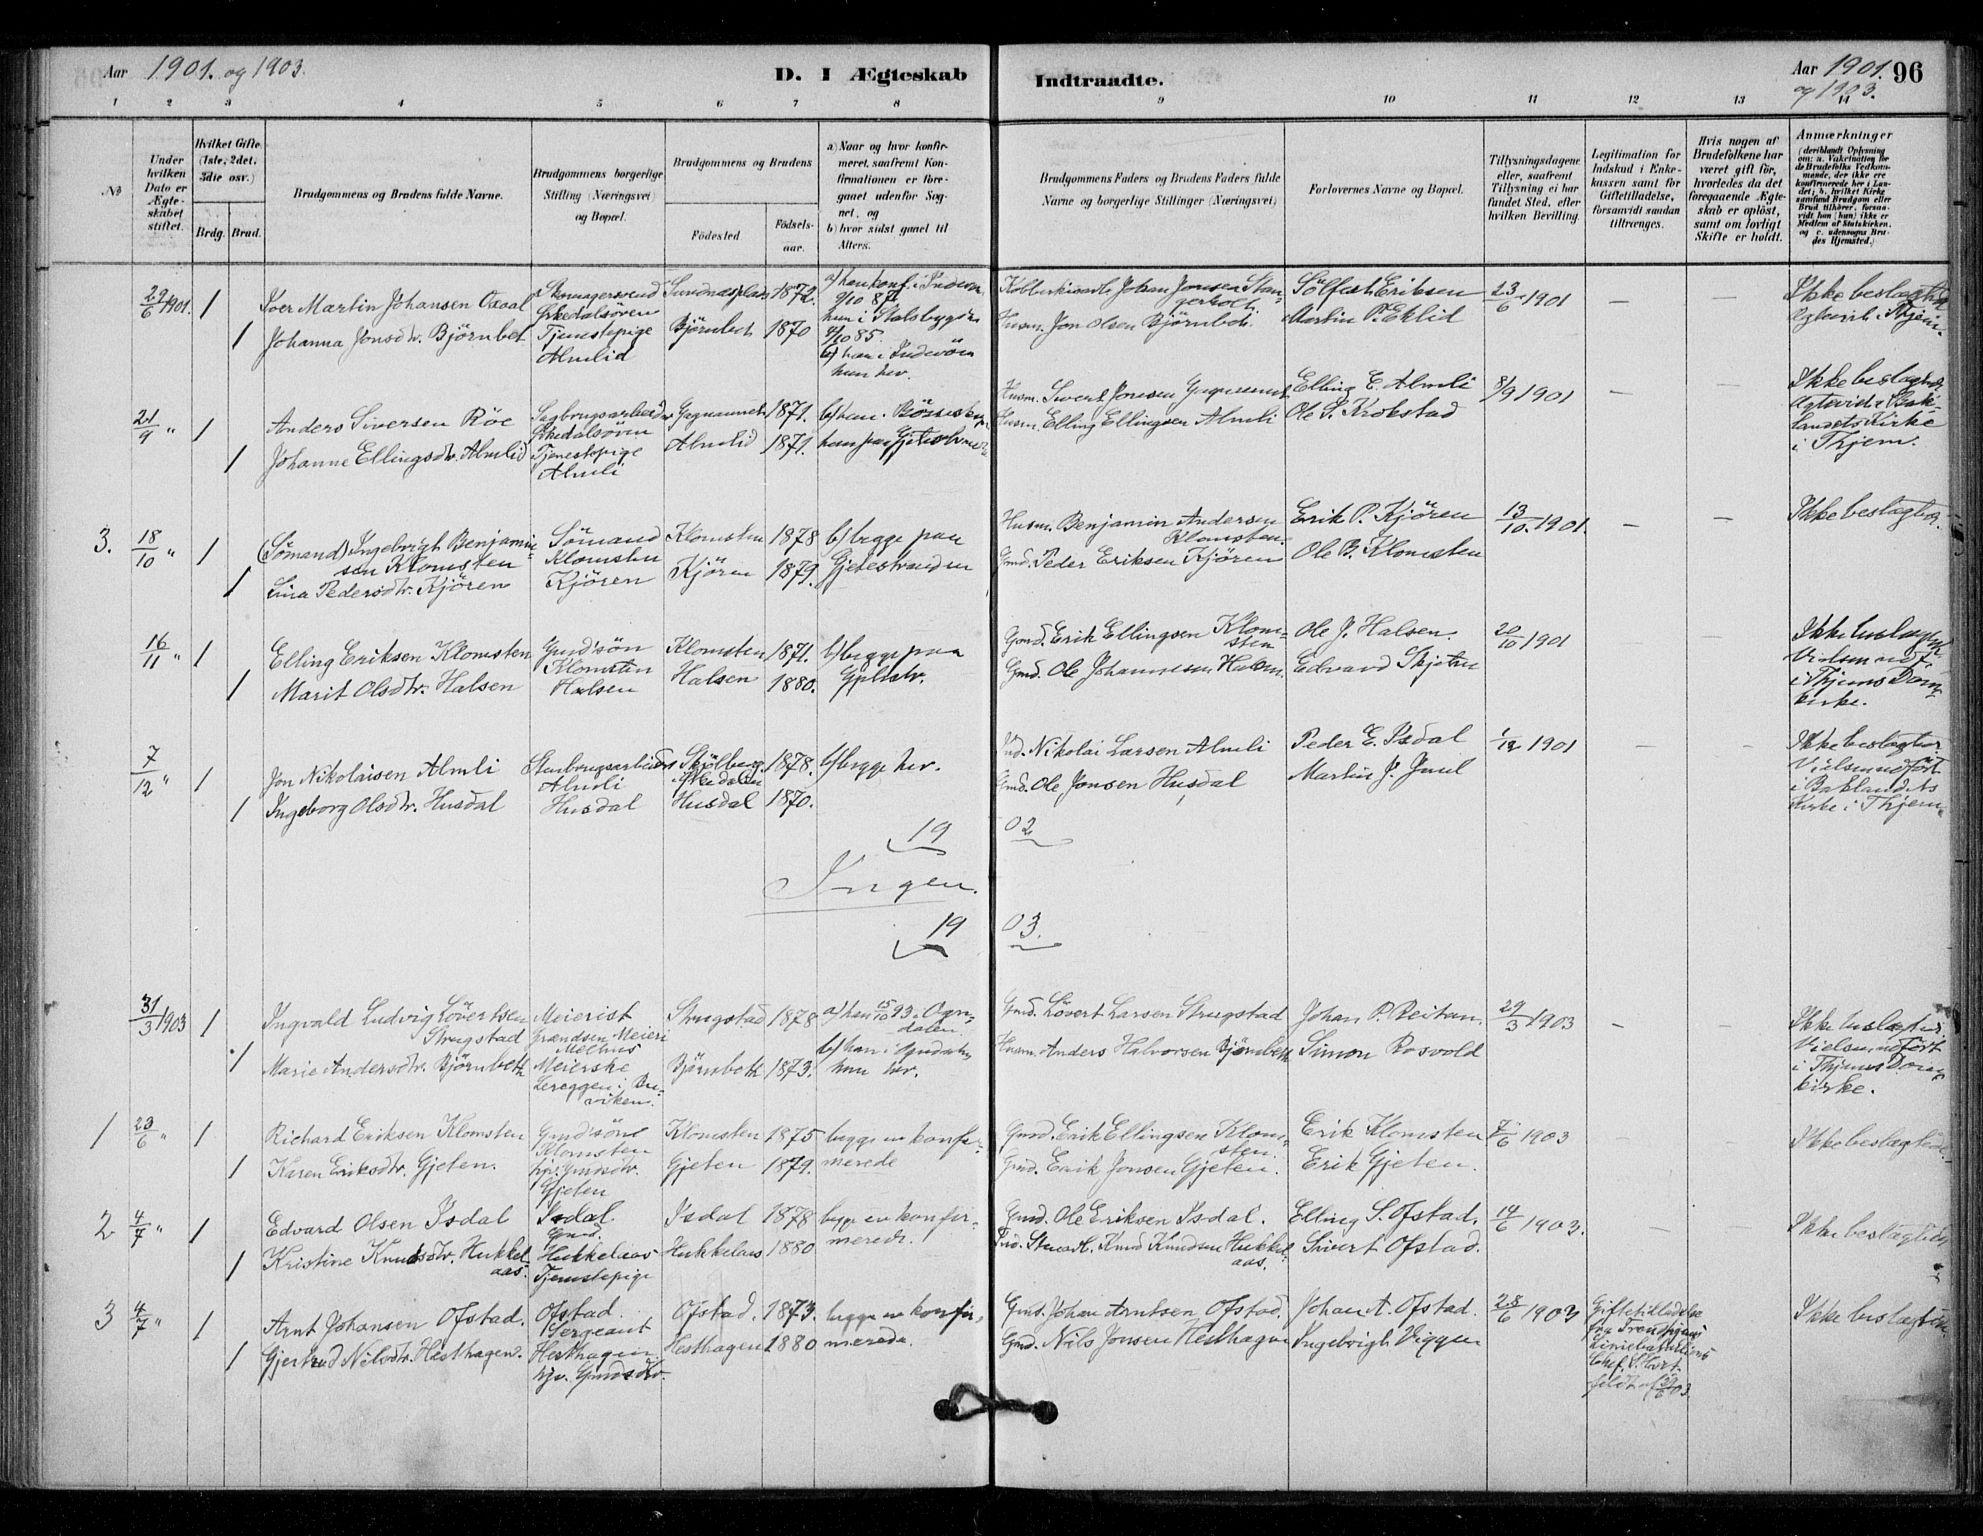 SAT, Ministerialprotokoller, klokkerbøker og fødselsregistre - Sør-Trøndelag, 670/L0836: Ministerialbok nr. 670A01, 1879-1904, s. 96